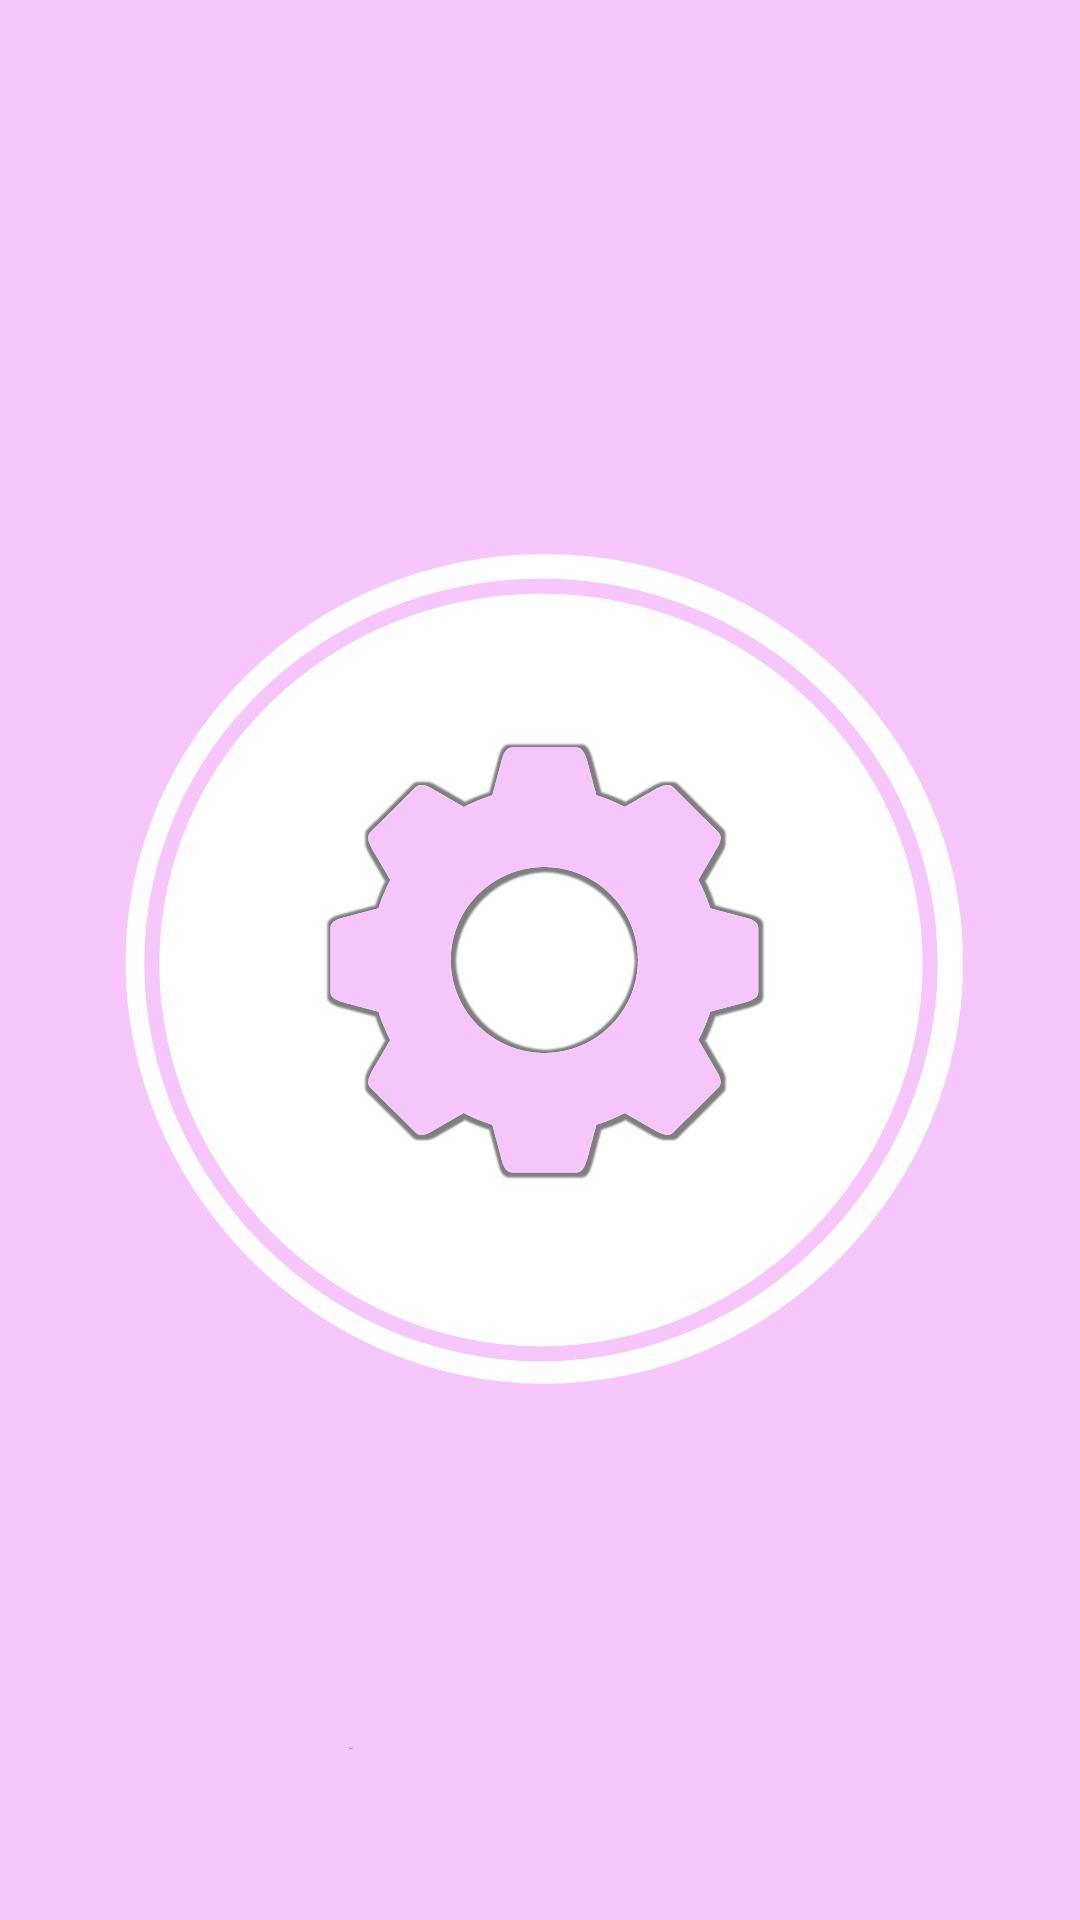 Instagram-cover-tool-pink-lotnotes.com.jpg